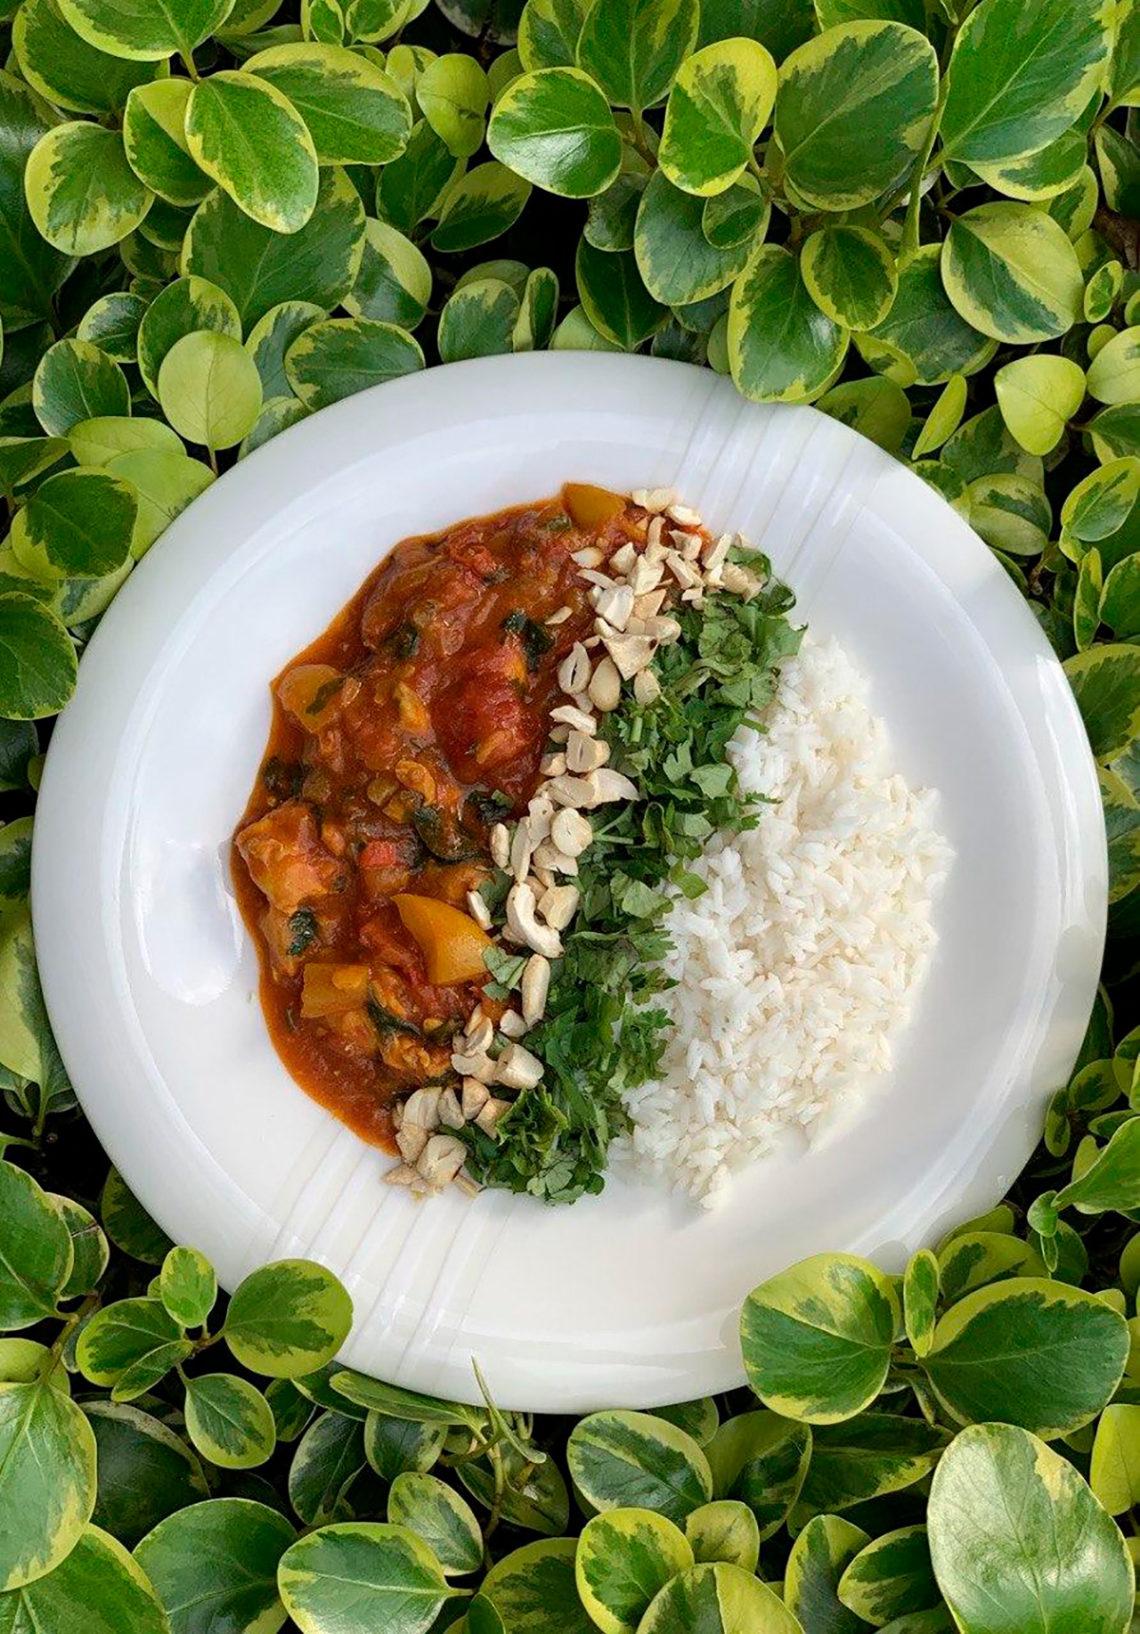 Тайский желтый карри. Сайт кулинарных рецептов Марии Каленской.